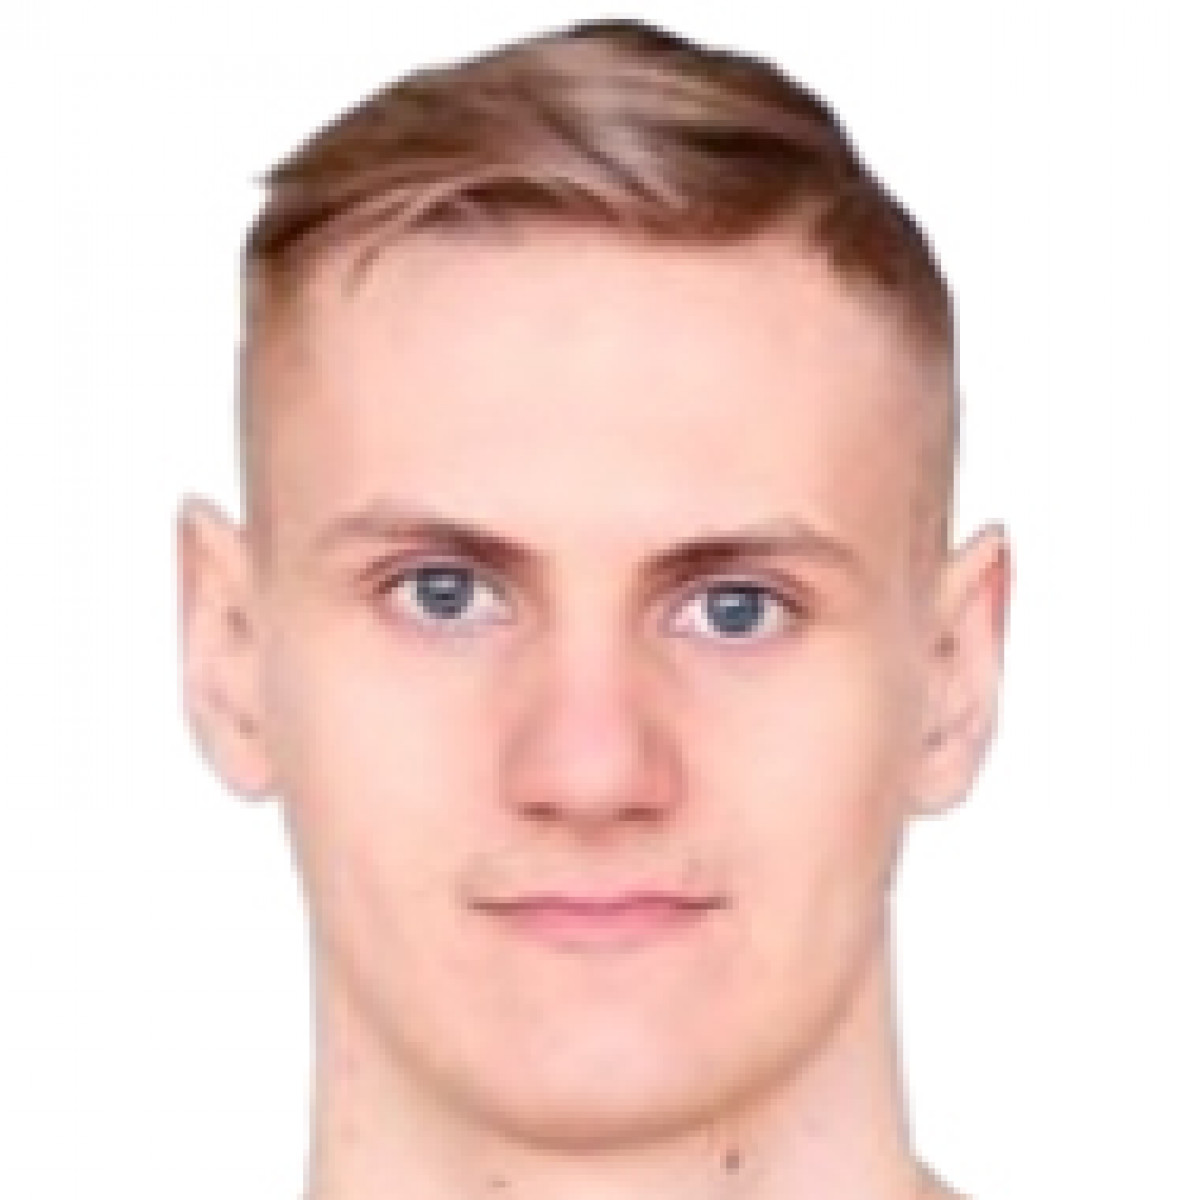 Bartlomiej Pietras